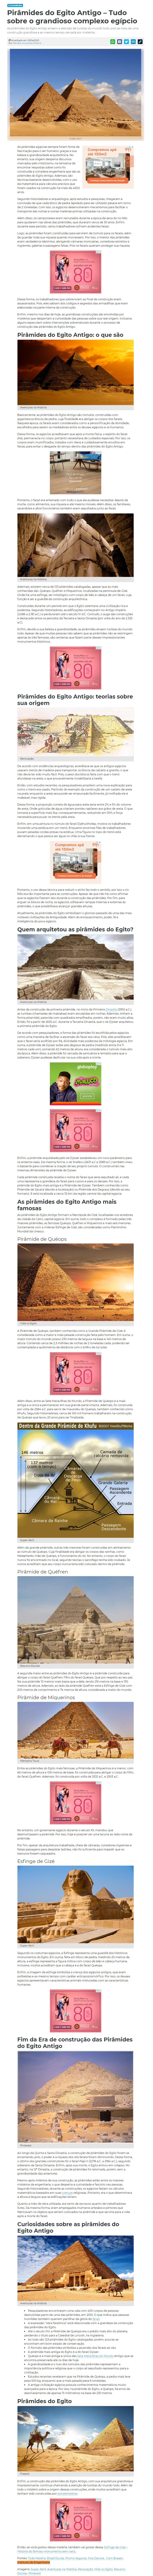 Pirâmides do Egito Antigo - Tudo sobre o grandioso complexo egípcio - Segredos do Mundo (R7)